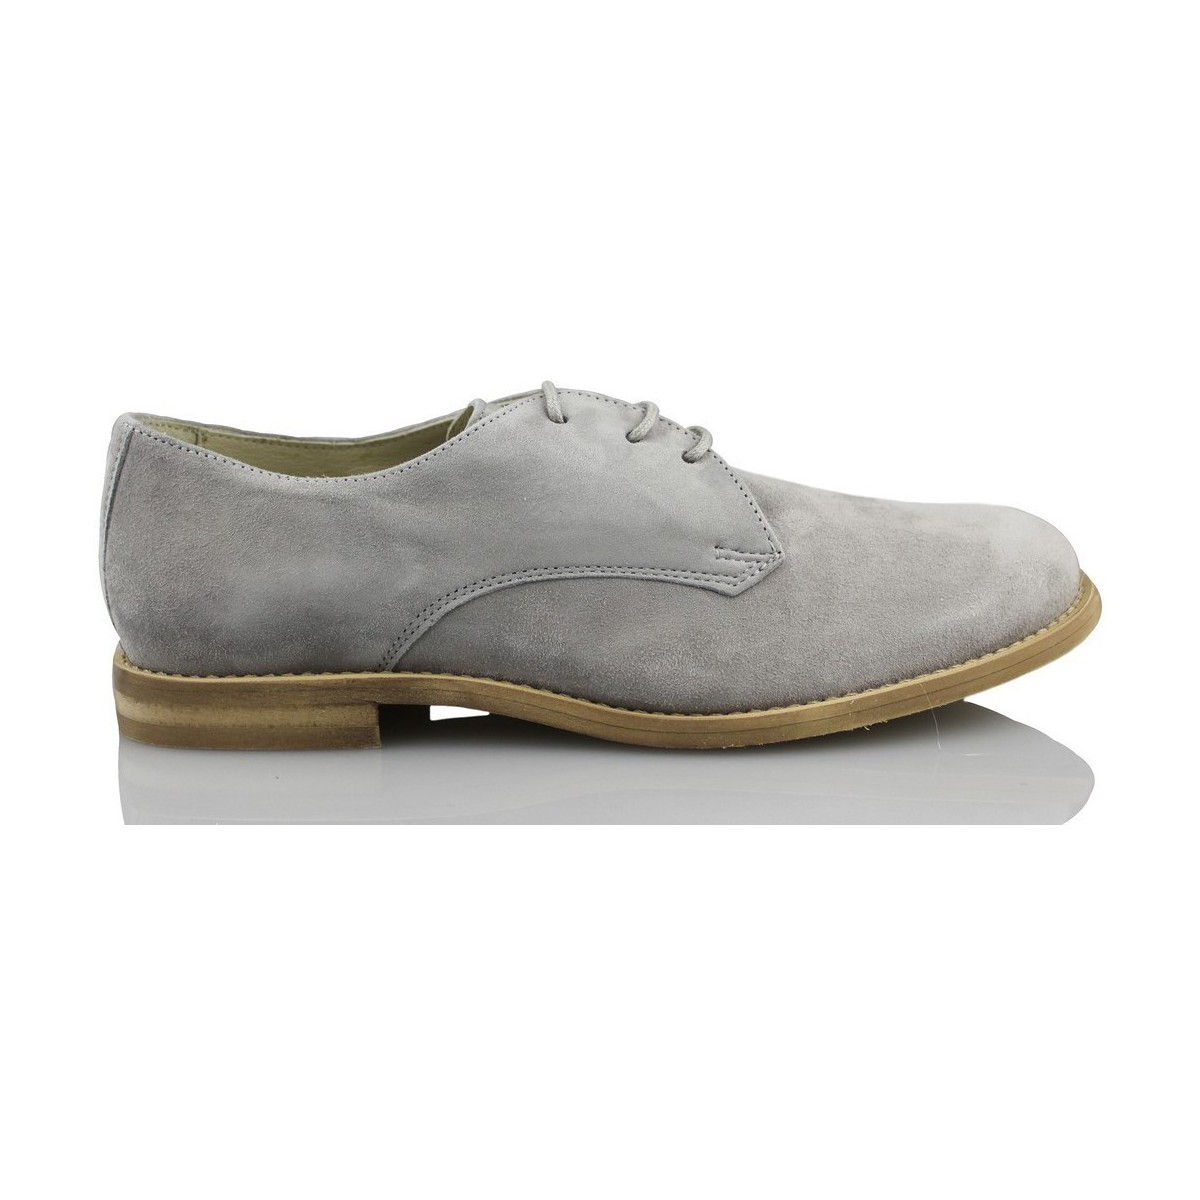 Oca Loca Shoes Uk